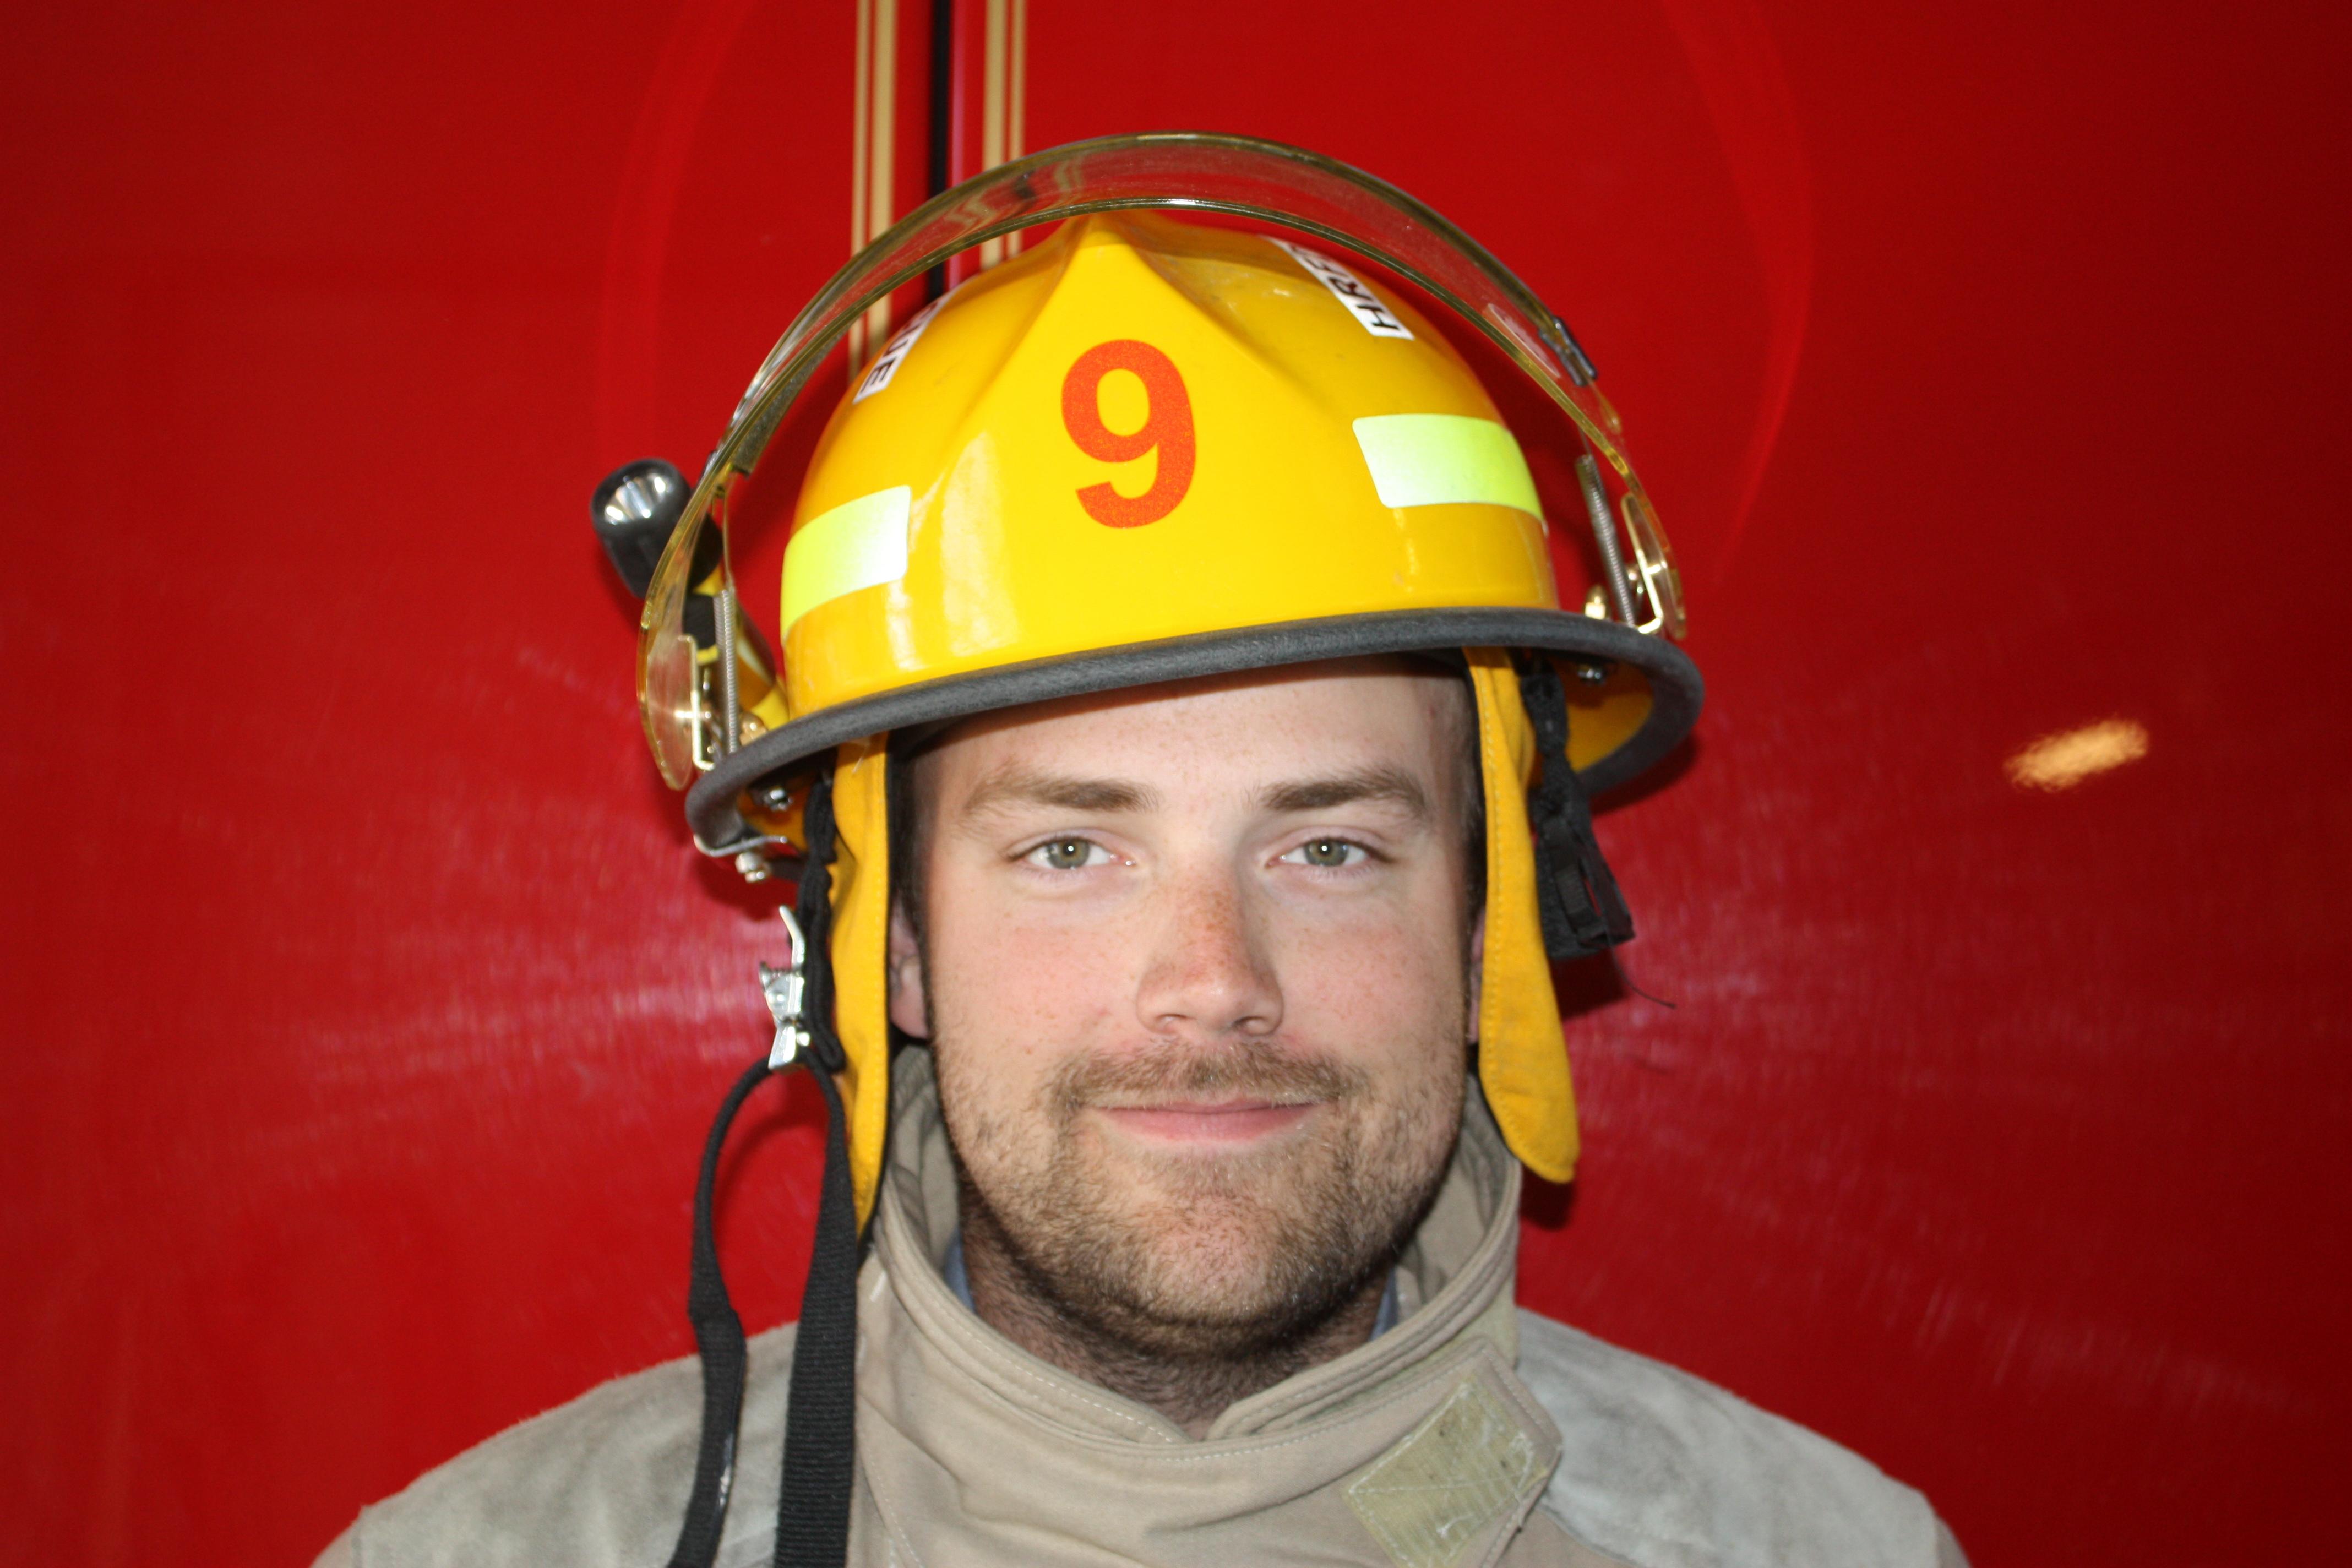 Firefighter 9